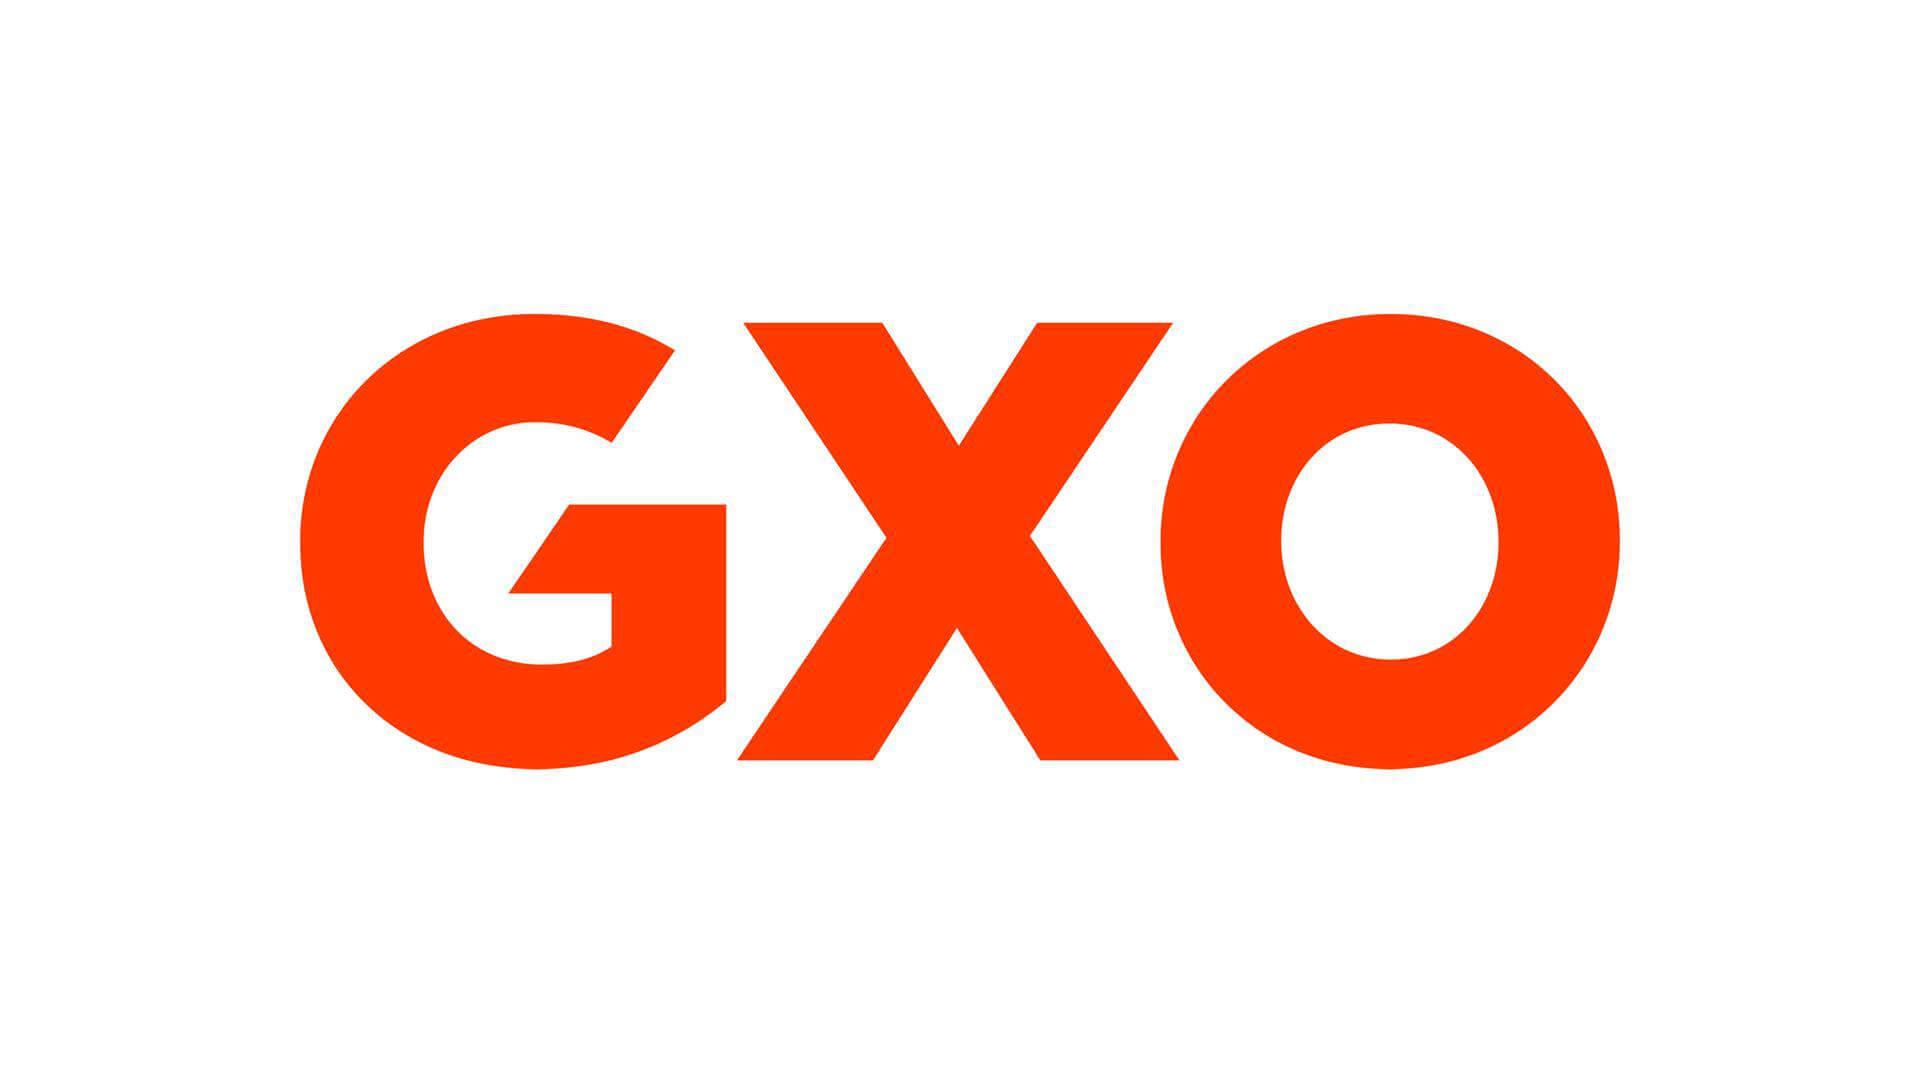 XPO Logistics devine GXO Logistics, al doilea cel mai mare furnizor de servicii logistice integrate din lume